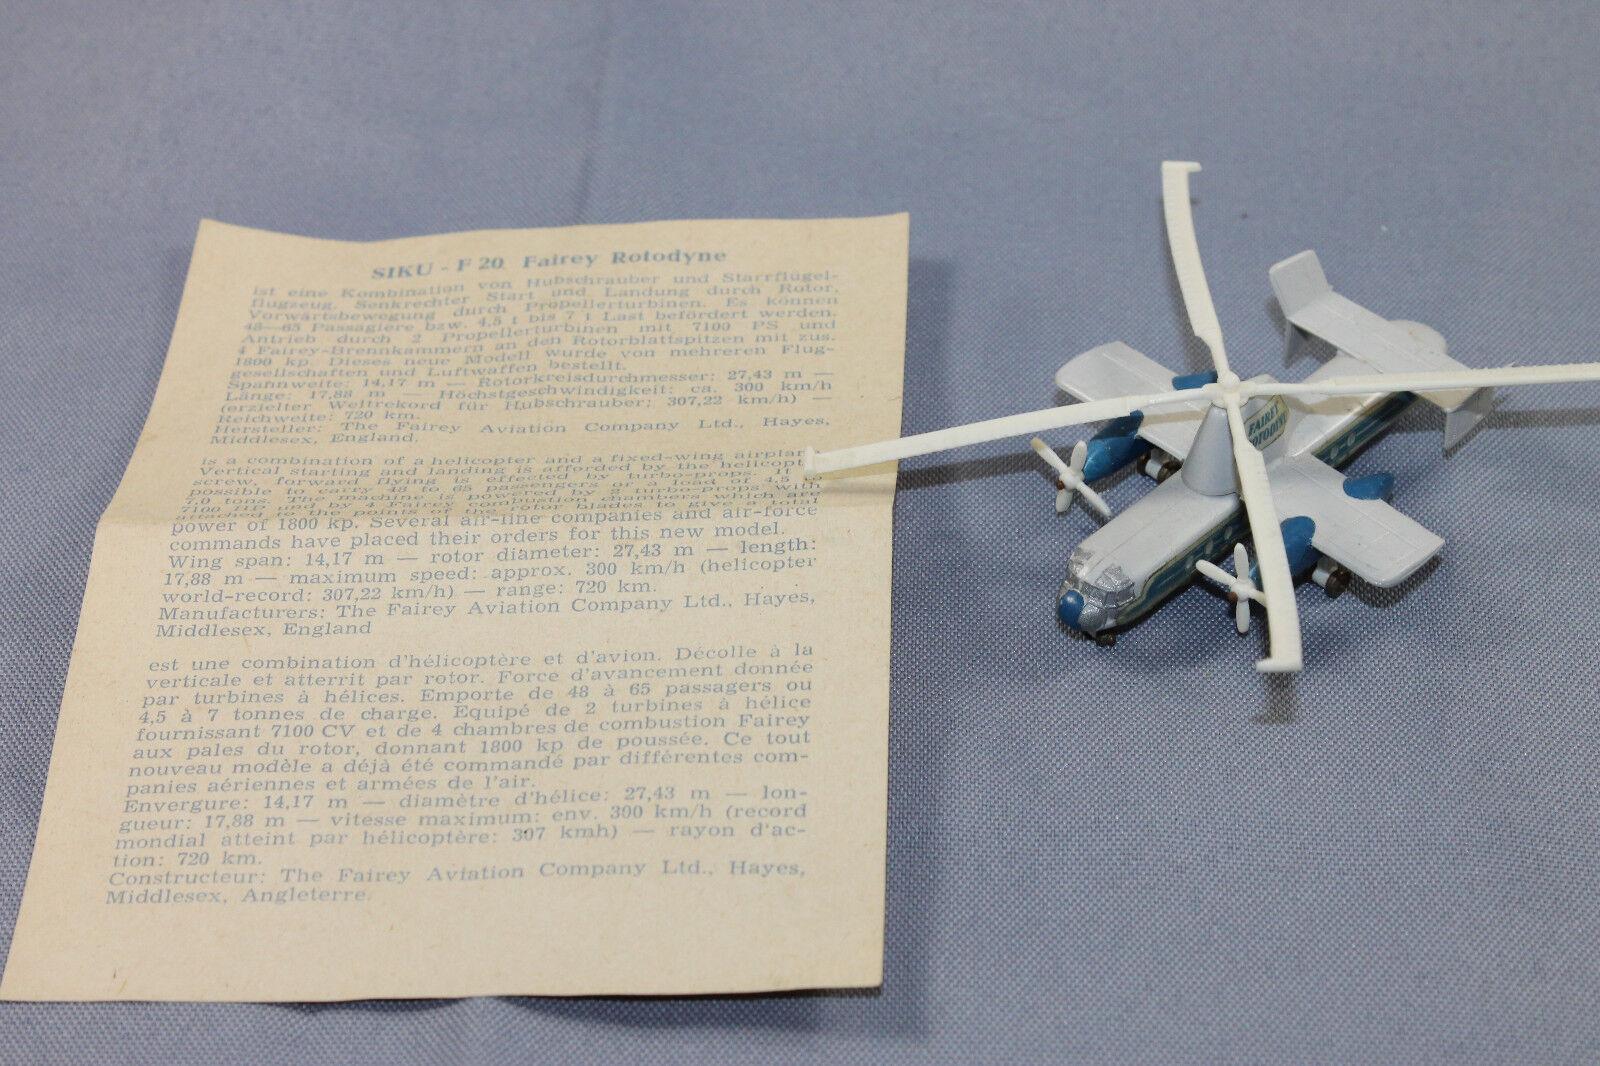 Siku plastique f20 Fairey rougeodyne Hélicoptère notices modèle d'avion 1 250